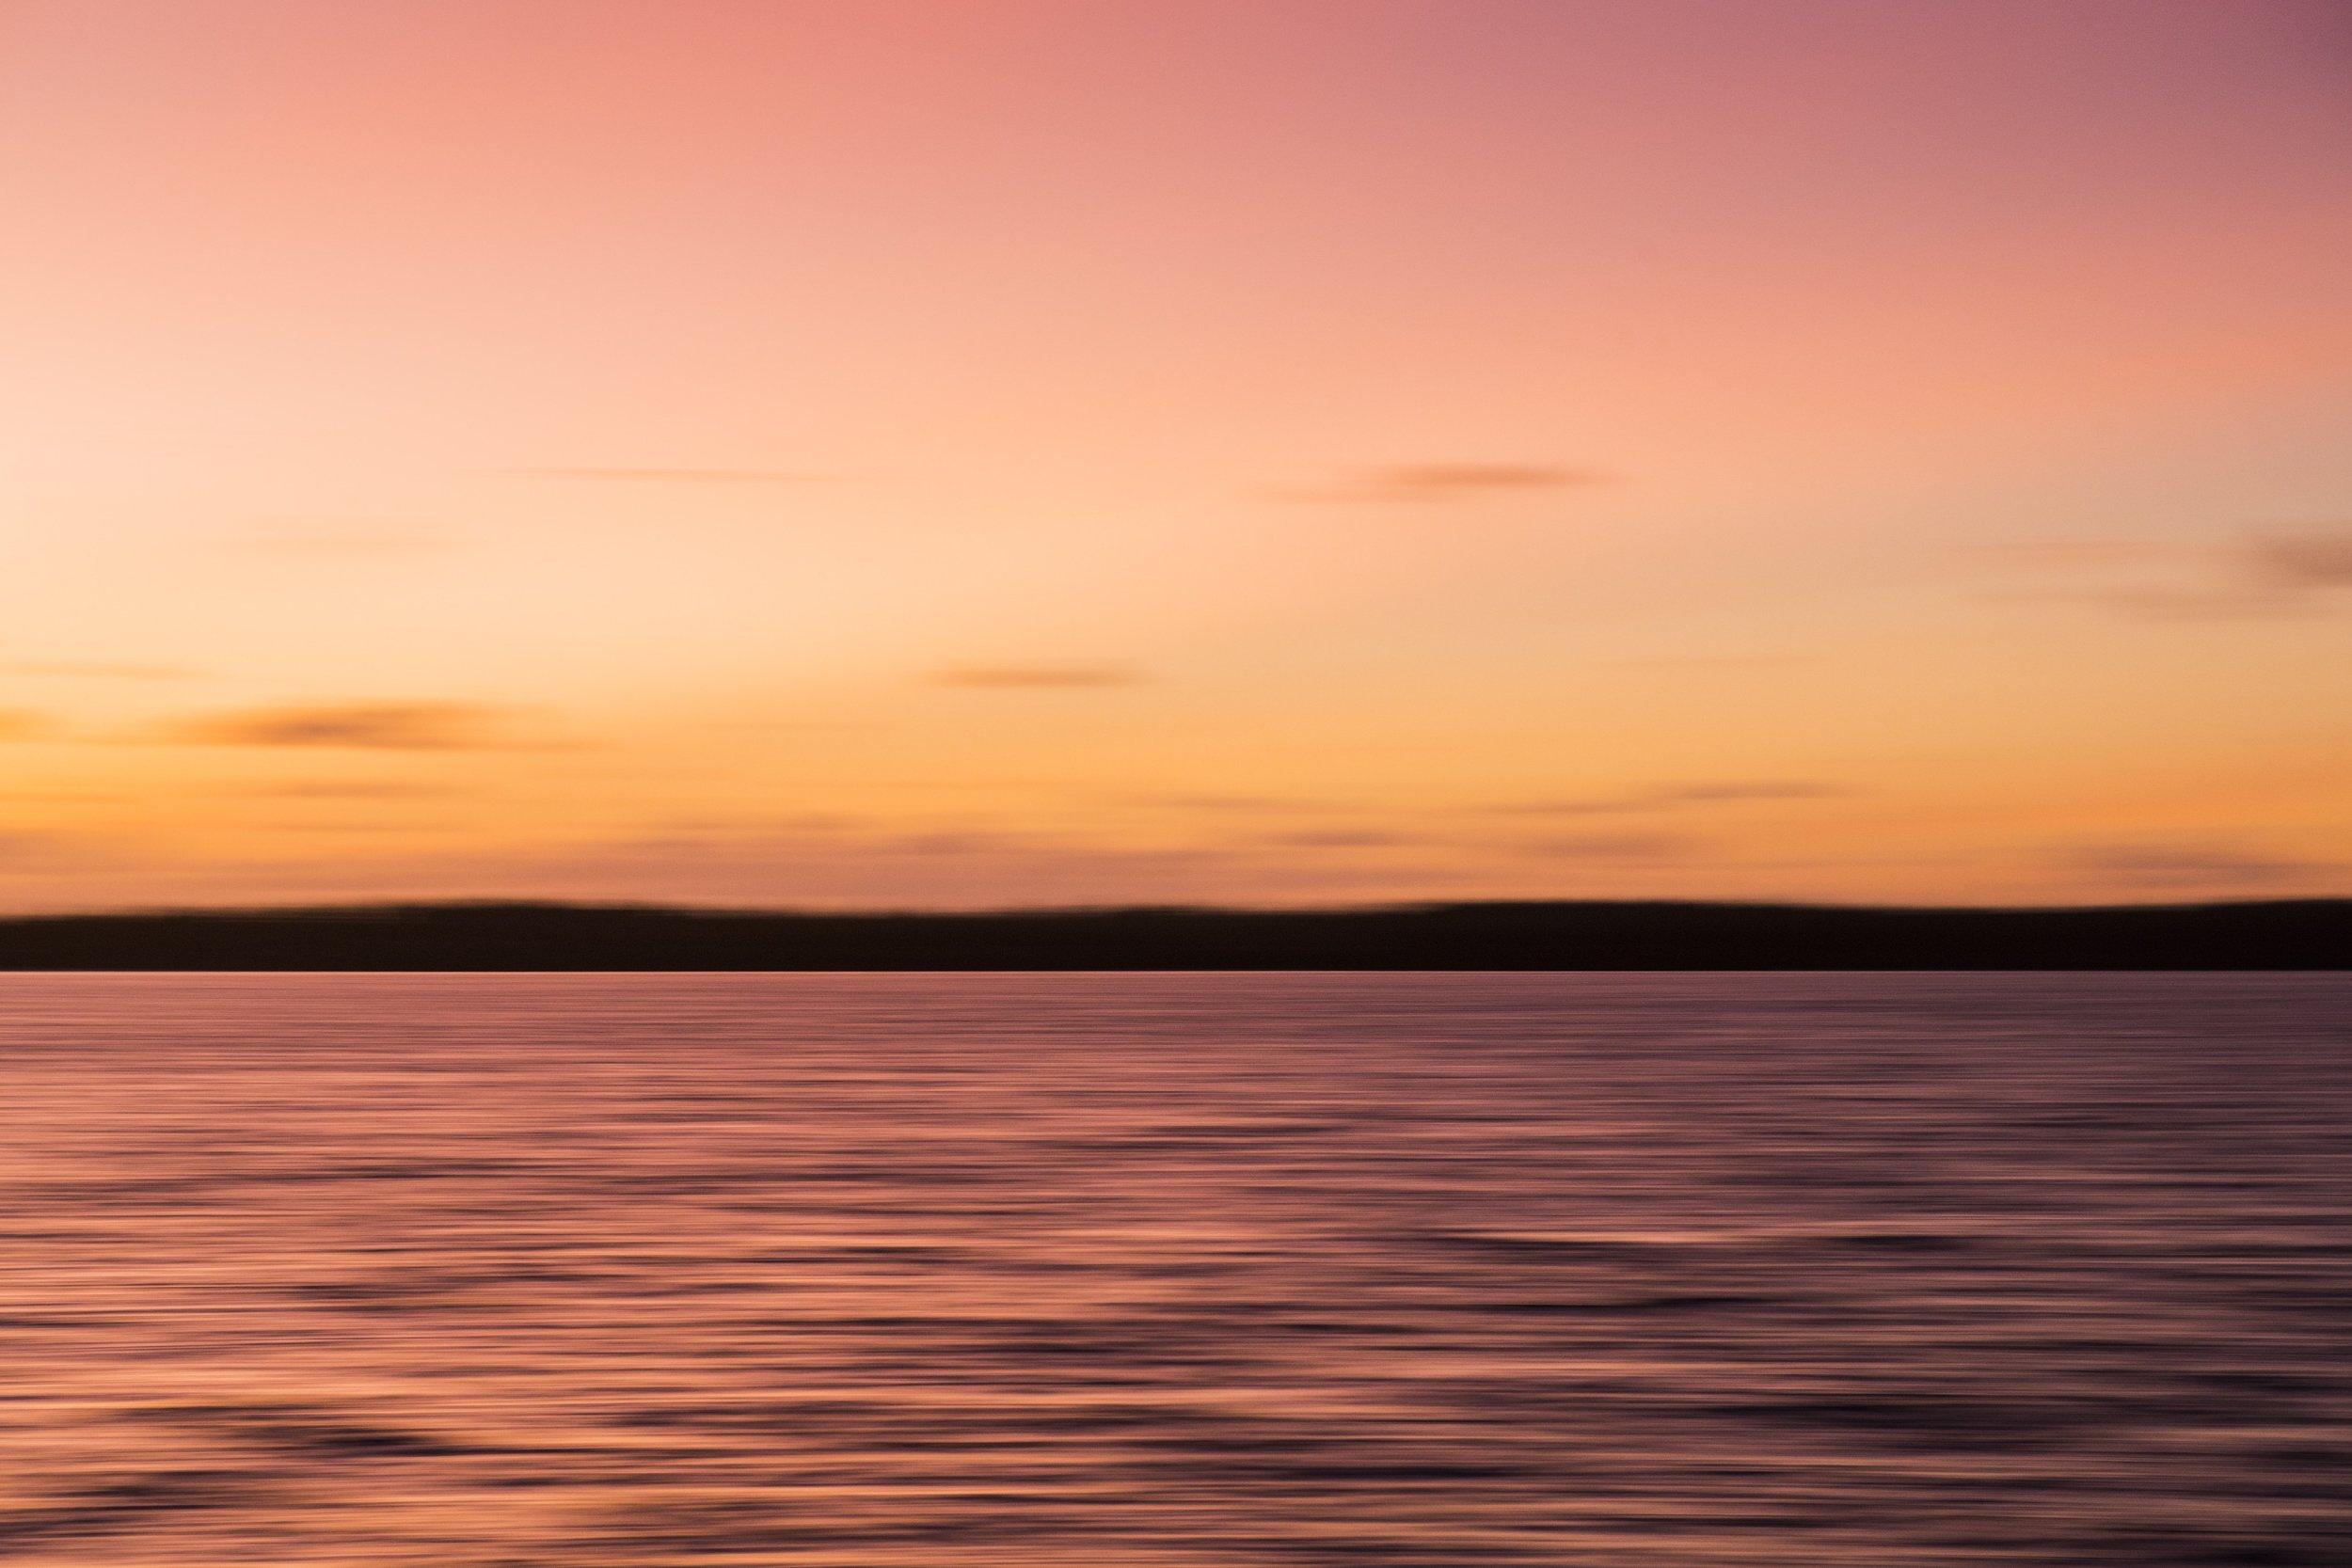 AFP_4071_sunriseblur.jpg